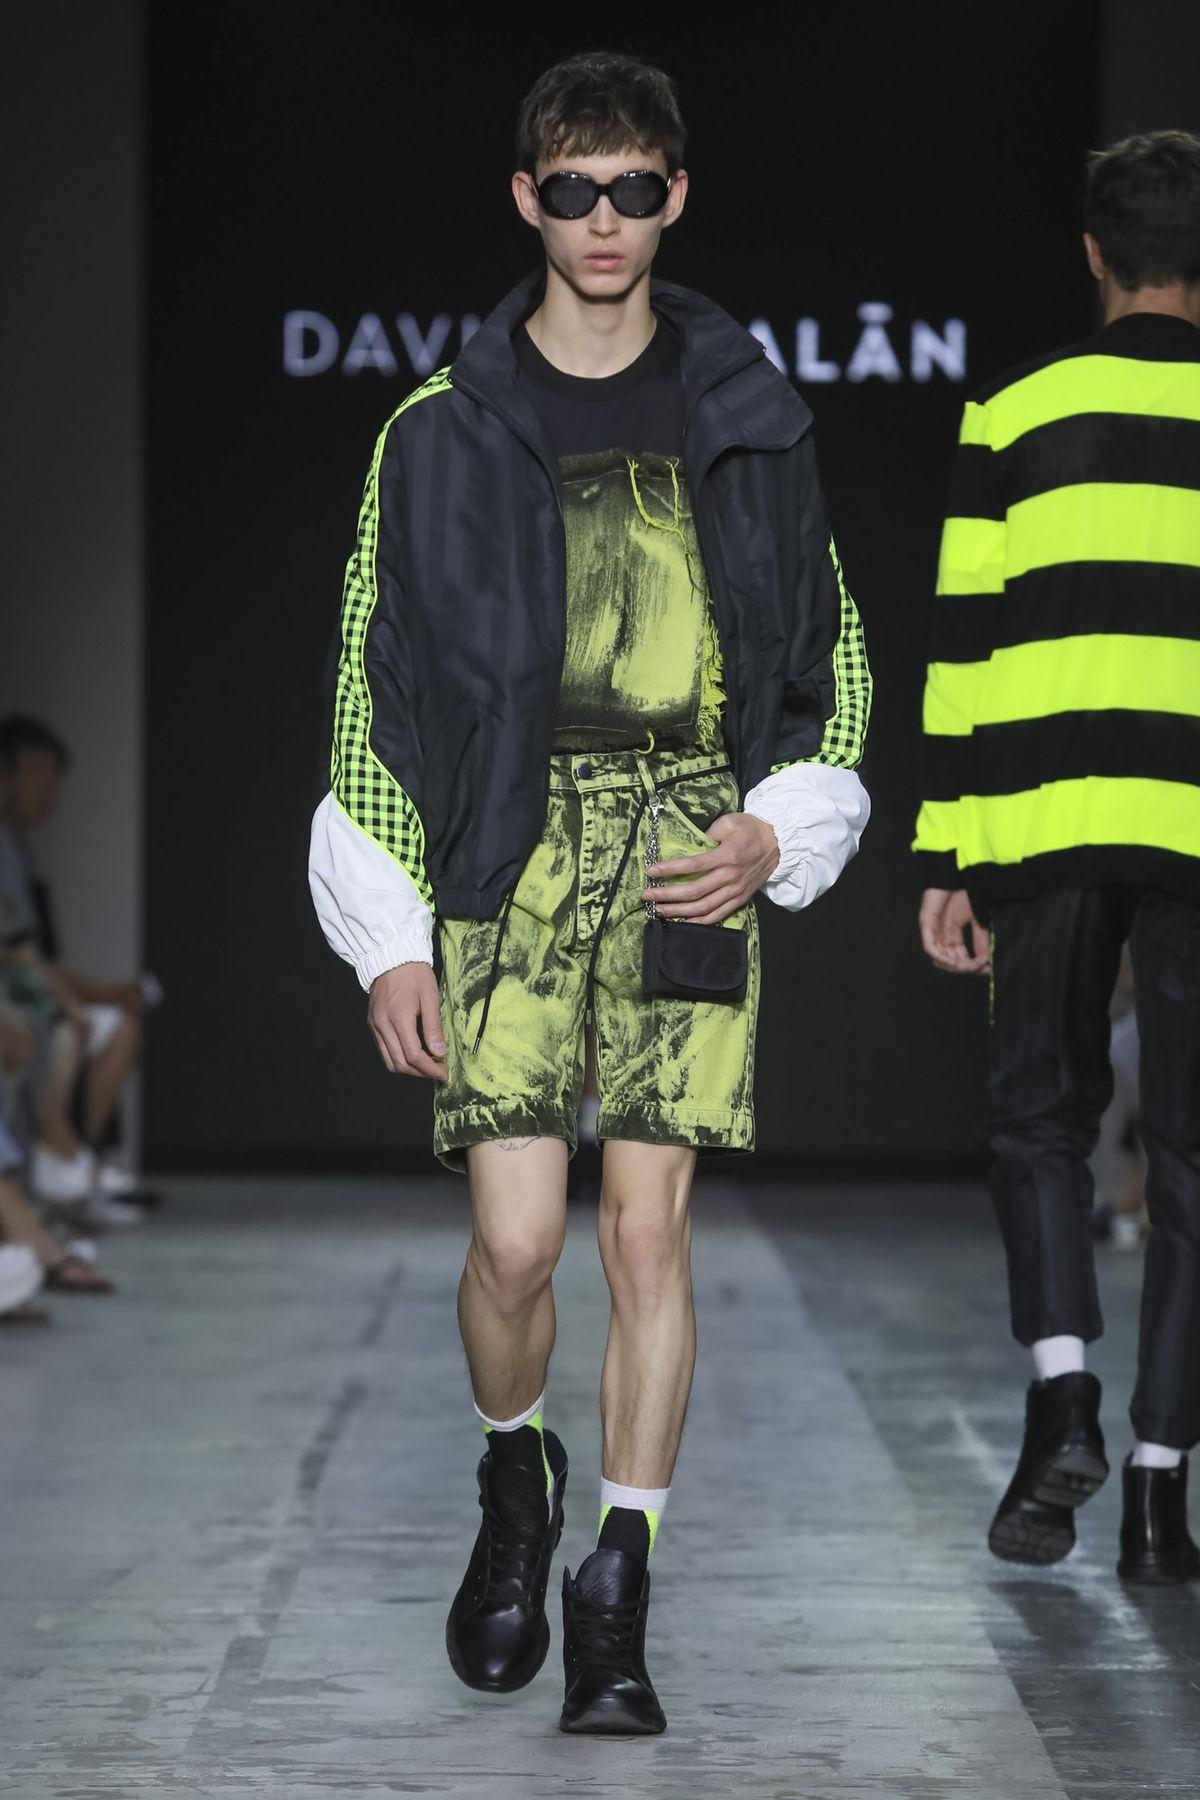 David Catalan